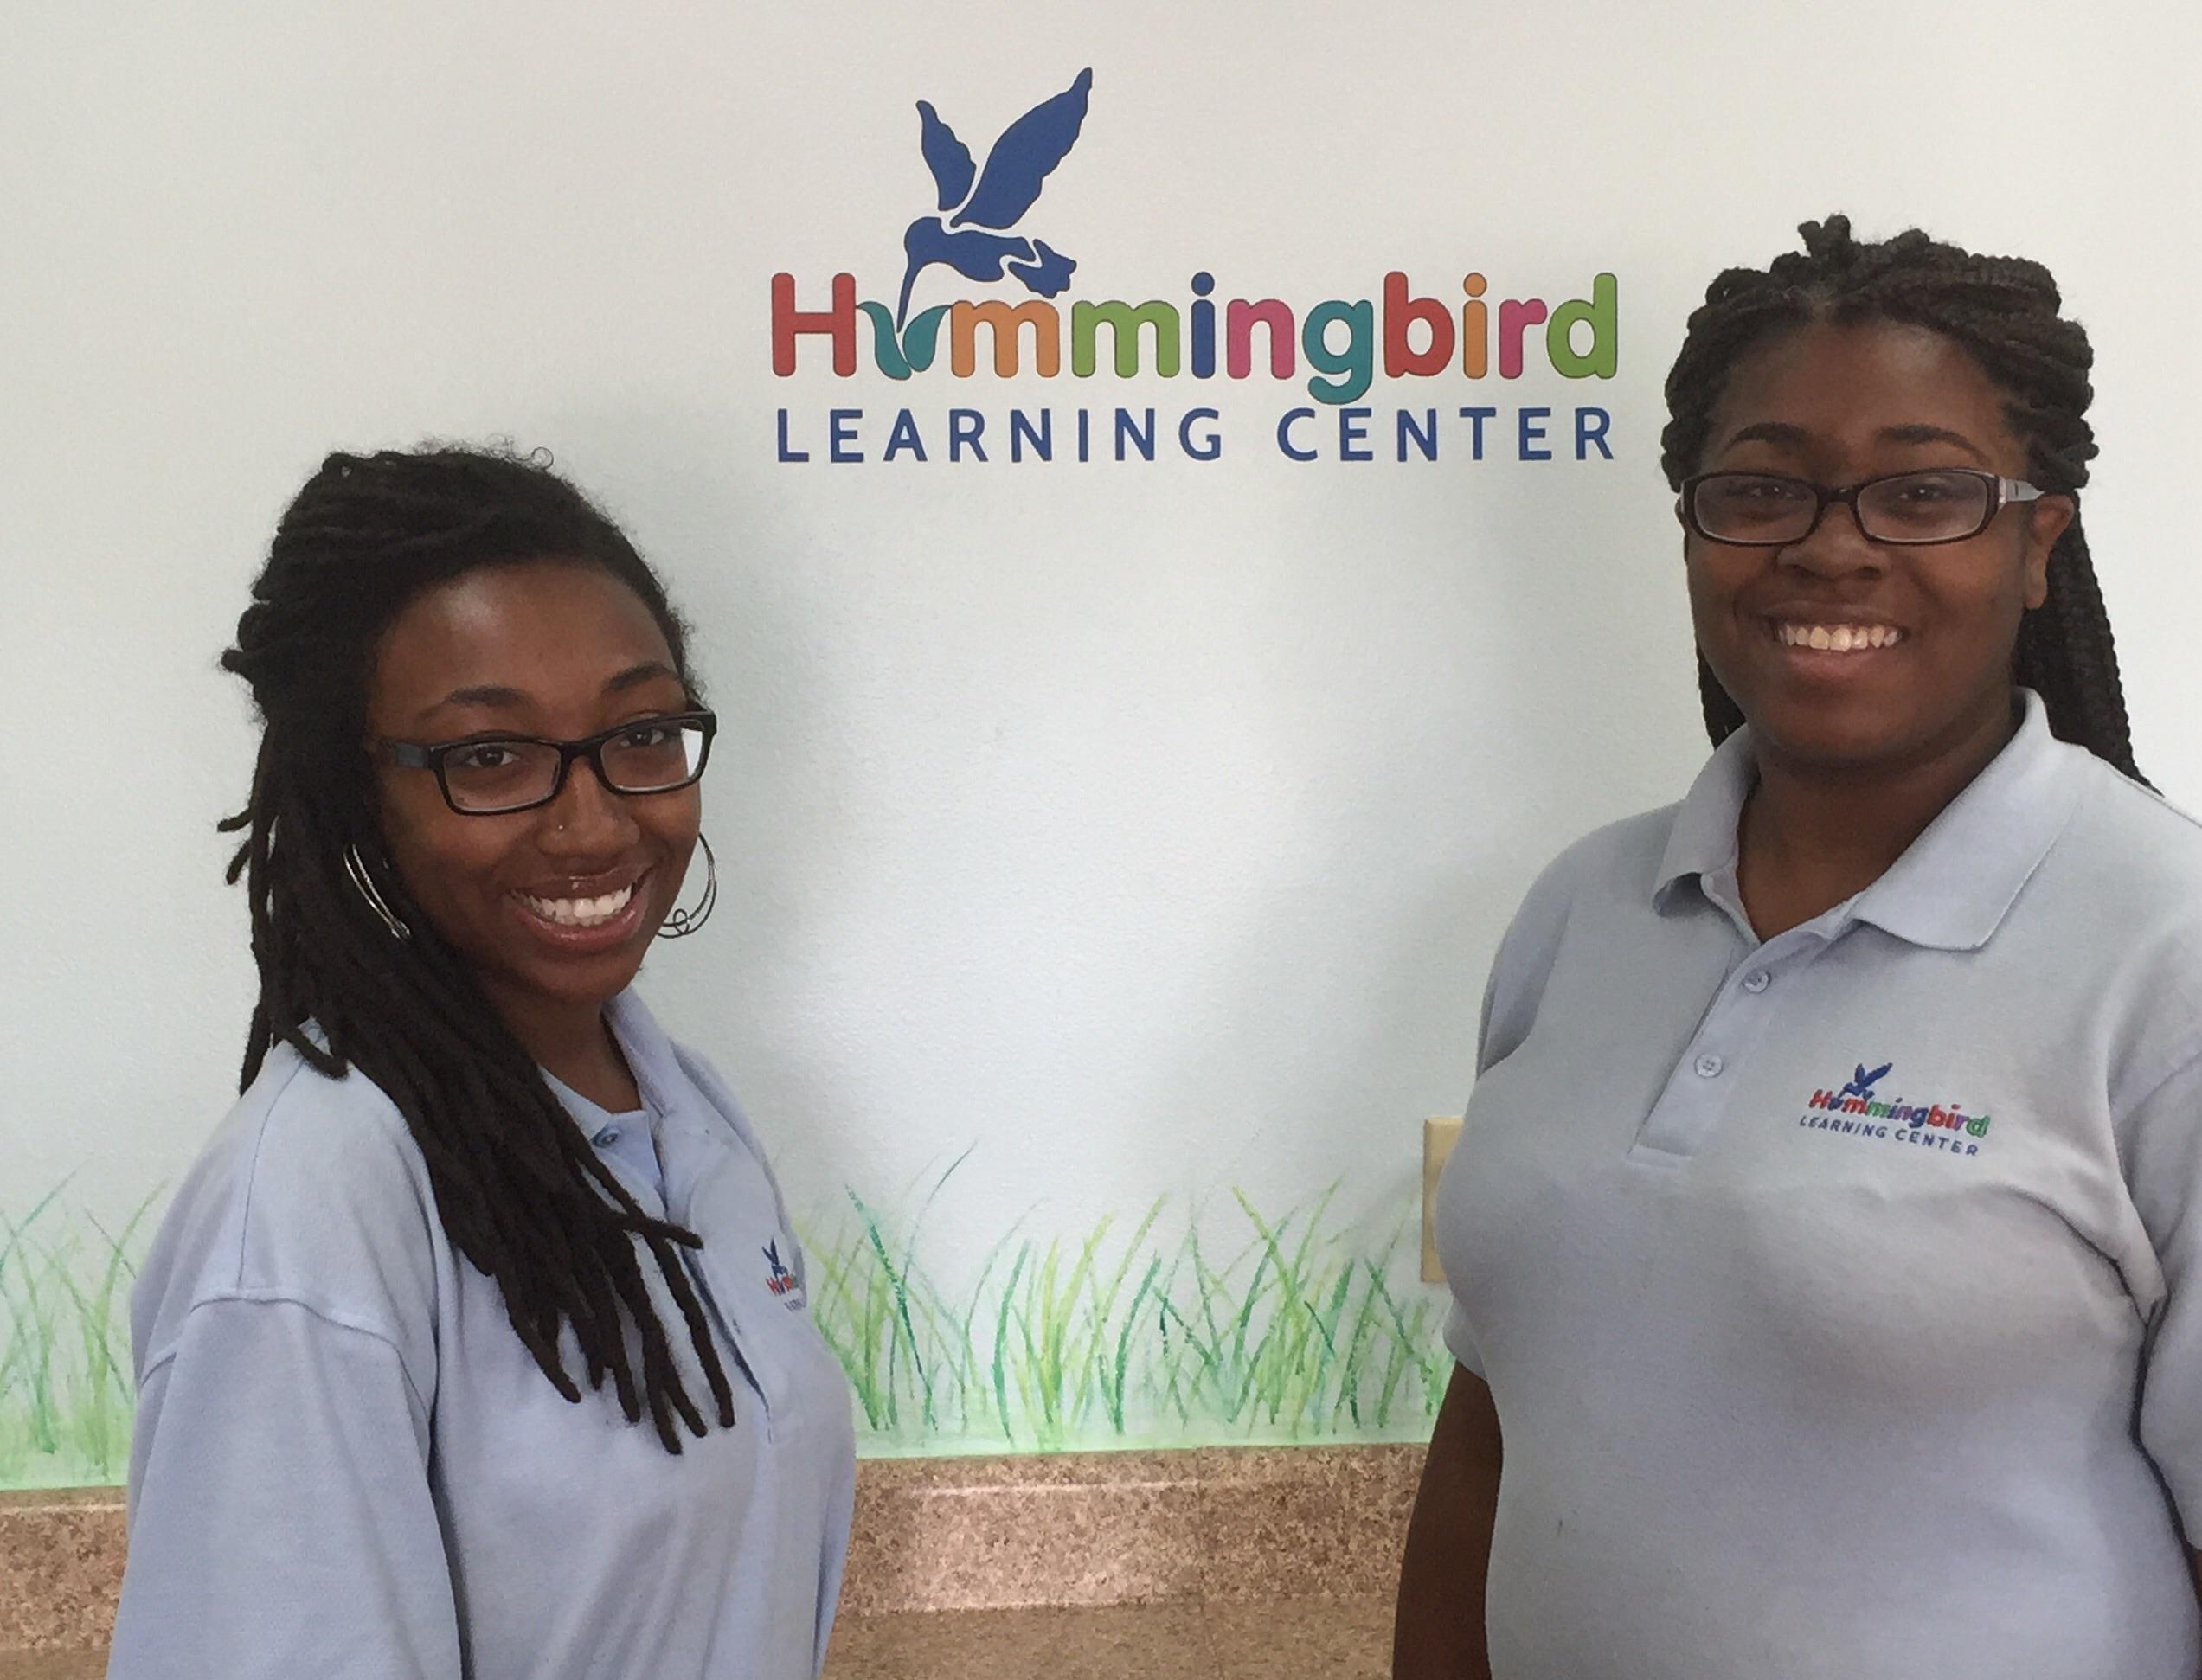 Hummingbird Learning Center